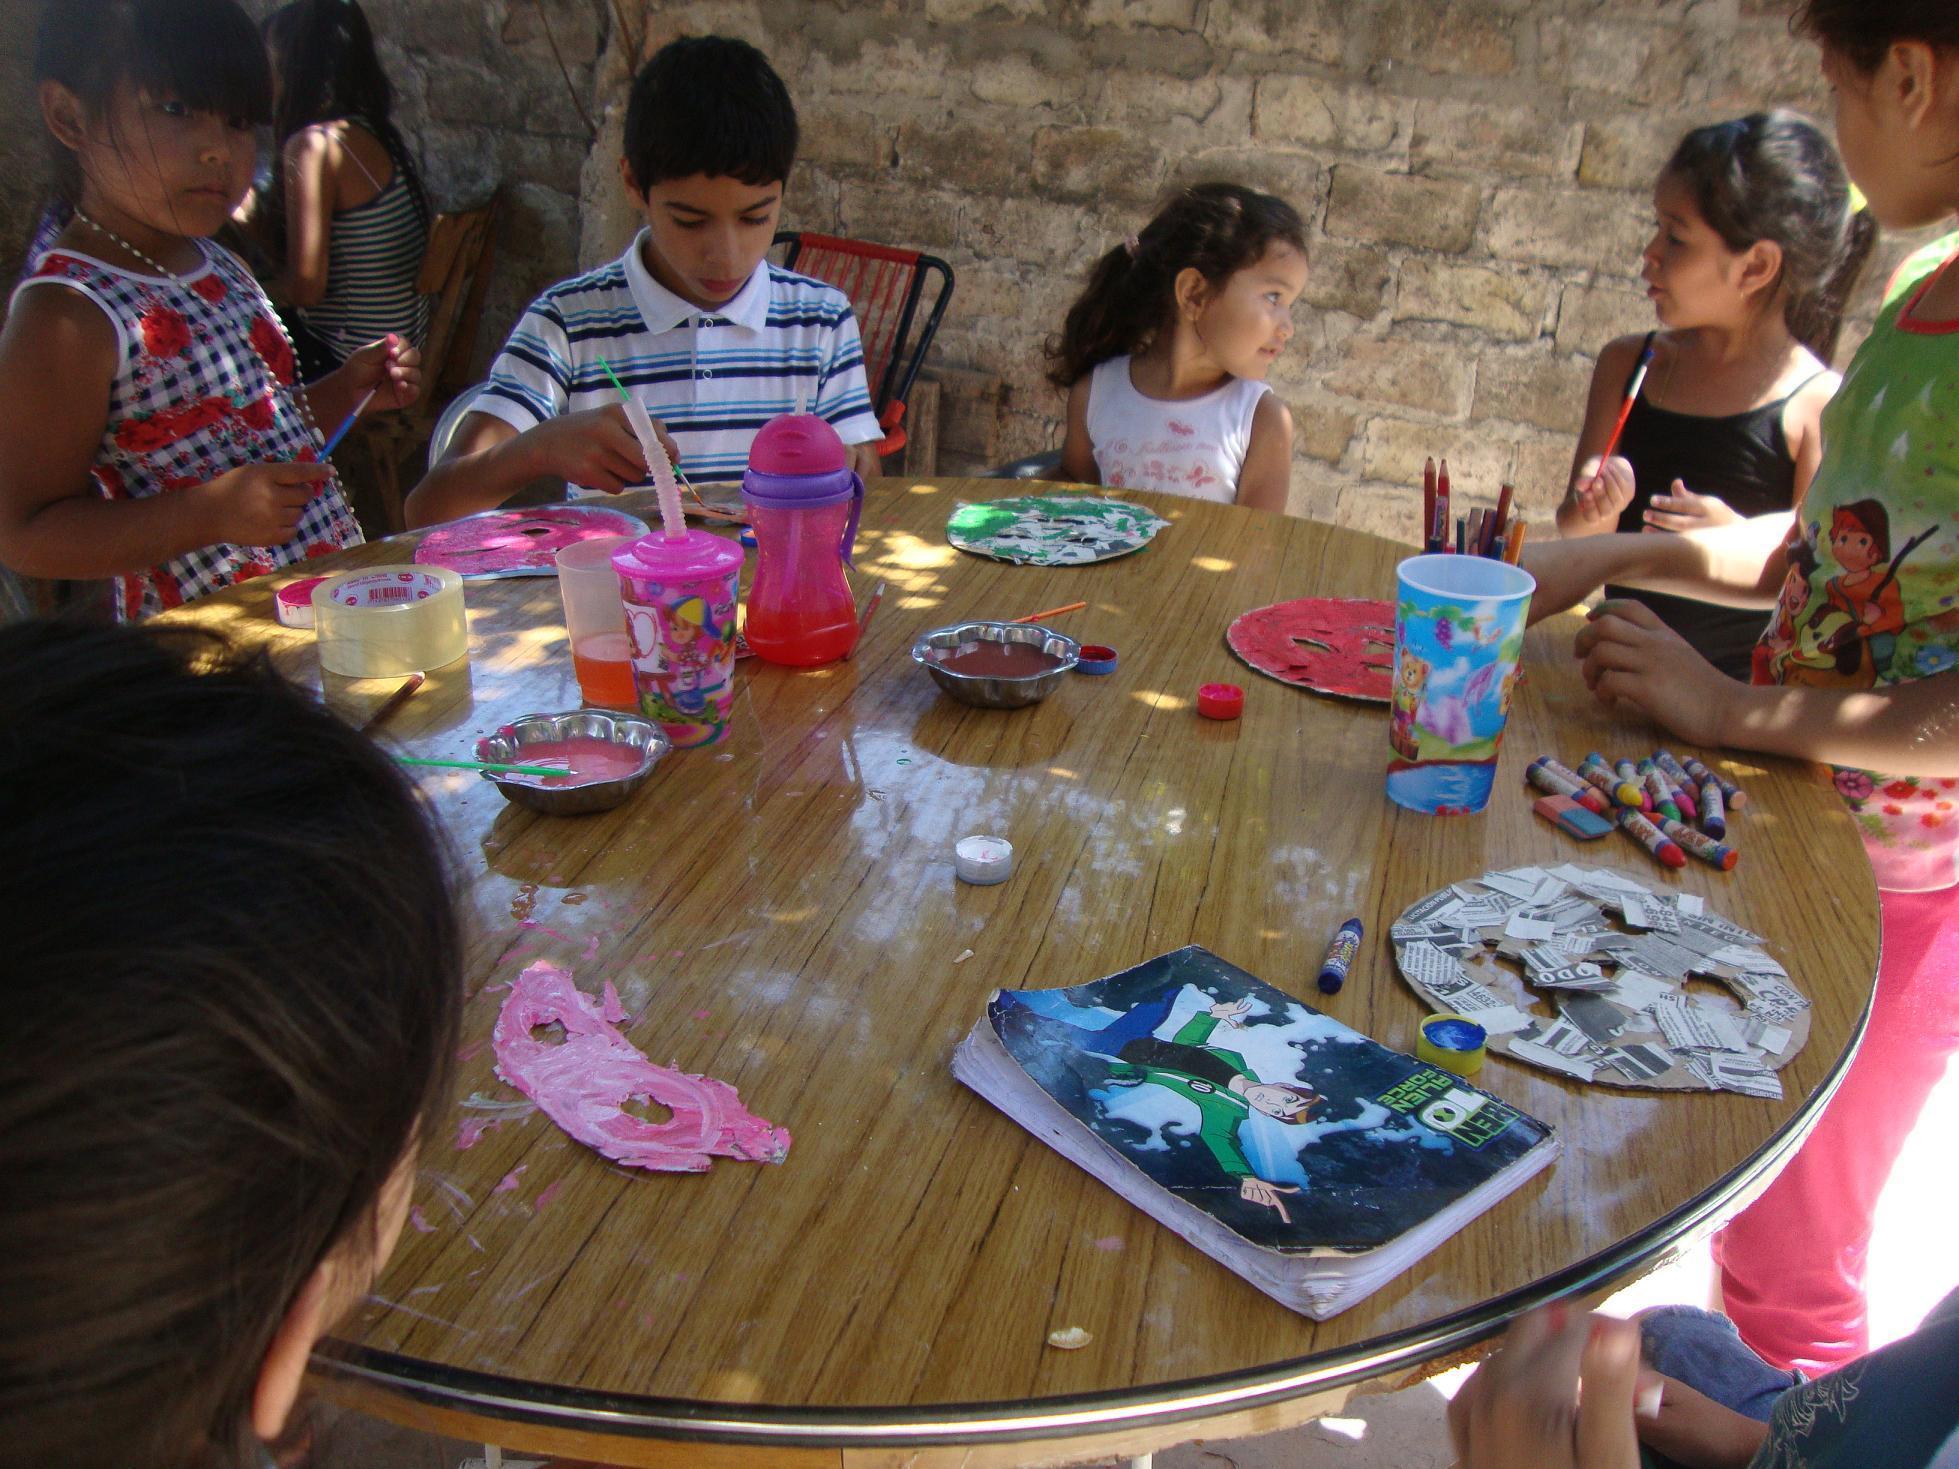 actividad-recreativa-en-el-barrio-santa-catalina-11